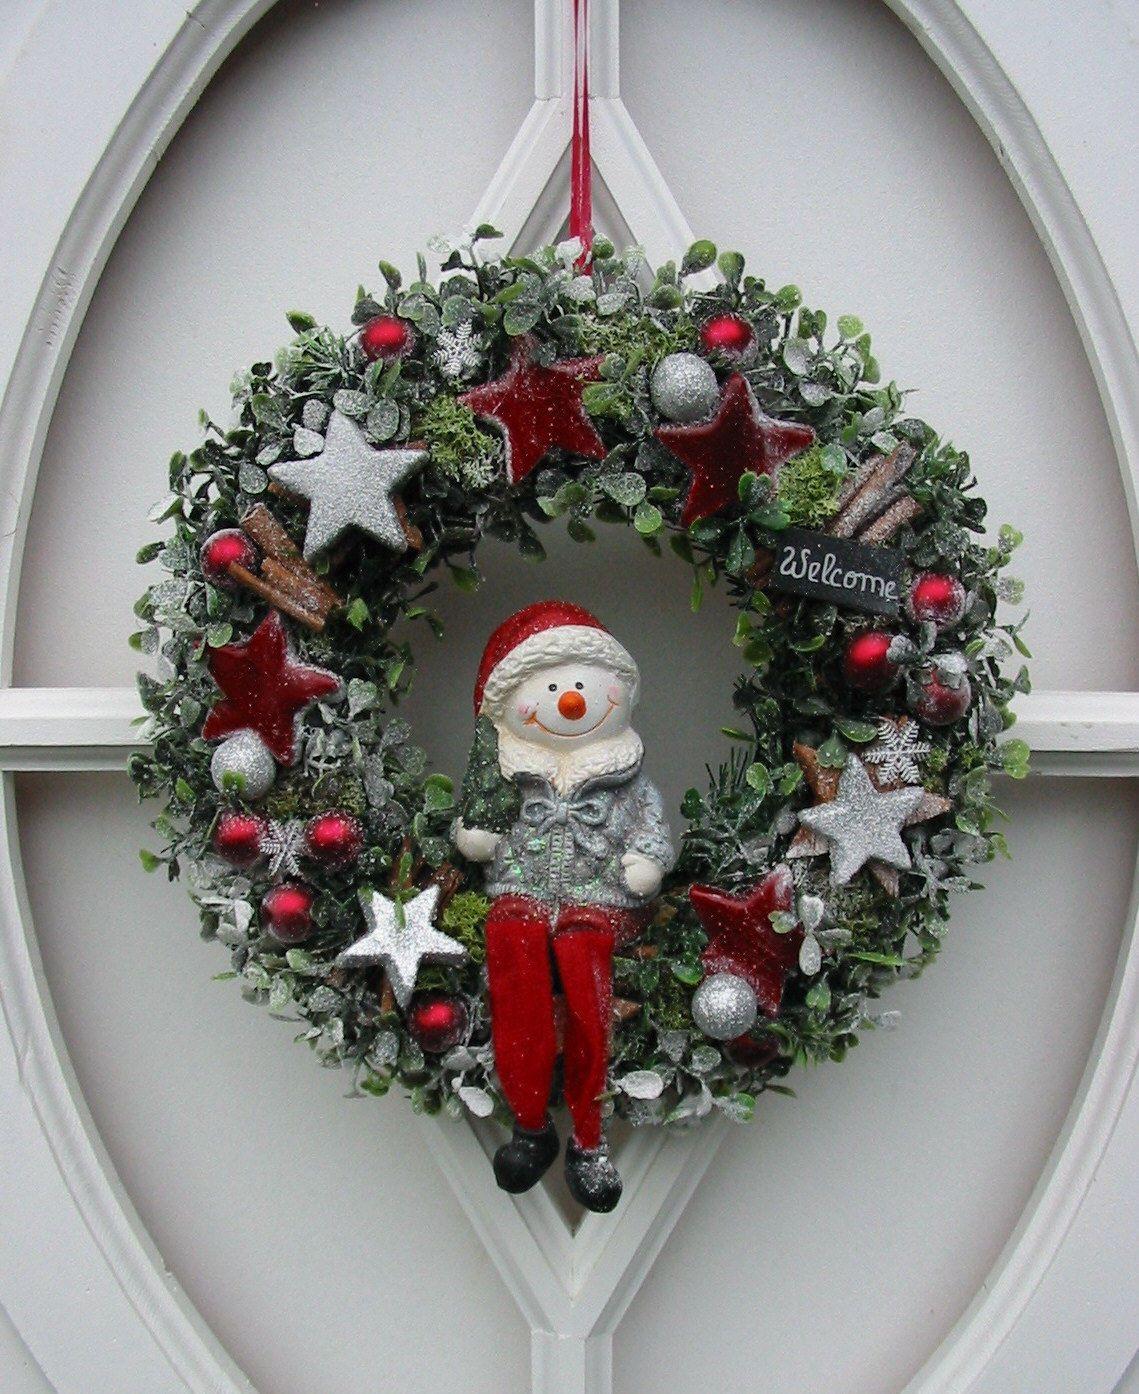 t rkranz schneemann dekokranz winterkranz kranz winter weihnachten 30 cm ebay. Black Bedroom Furniture Sets. Home Design Ideas